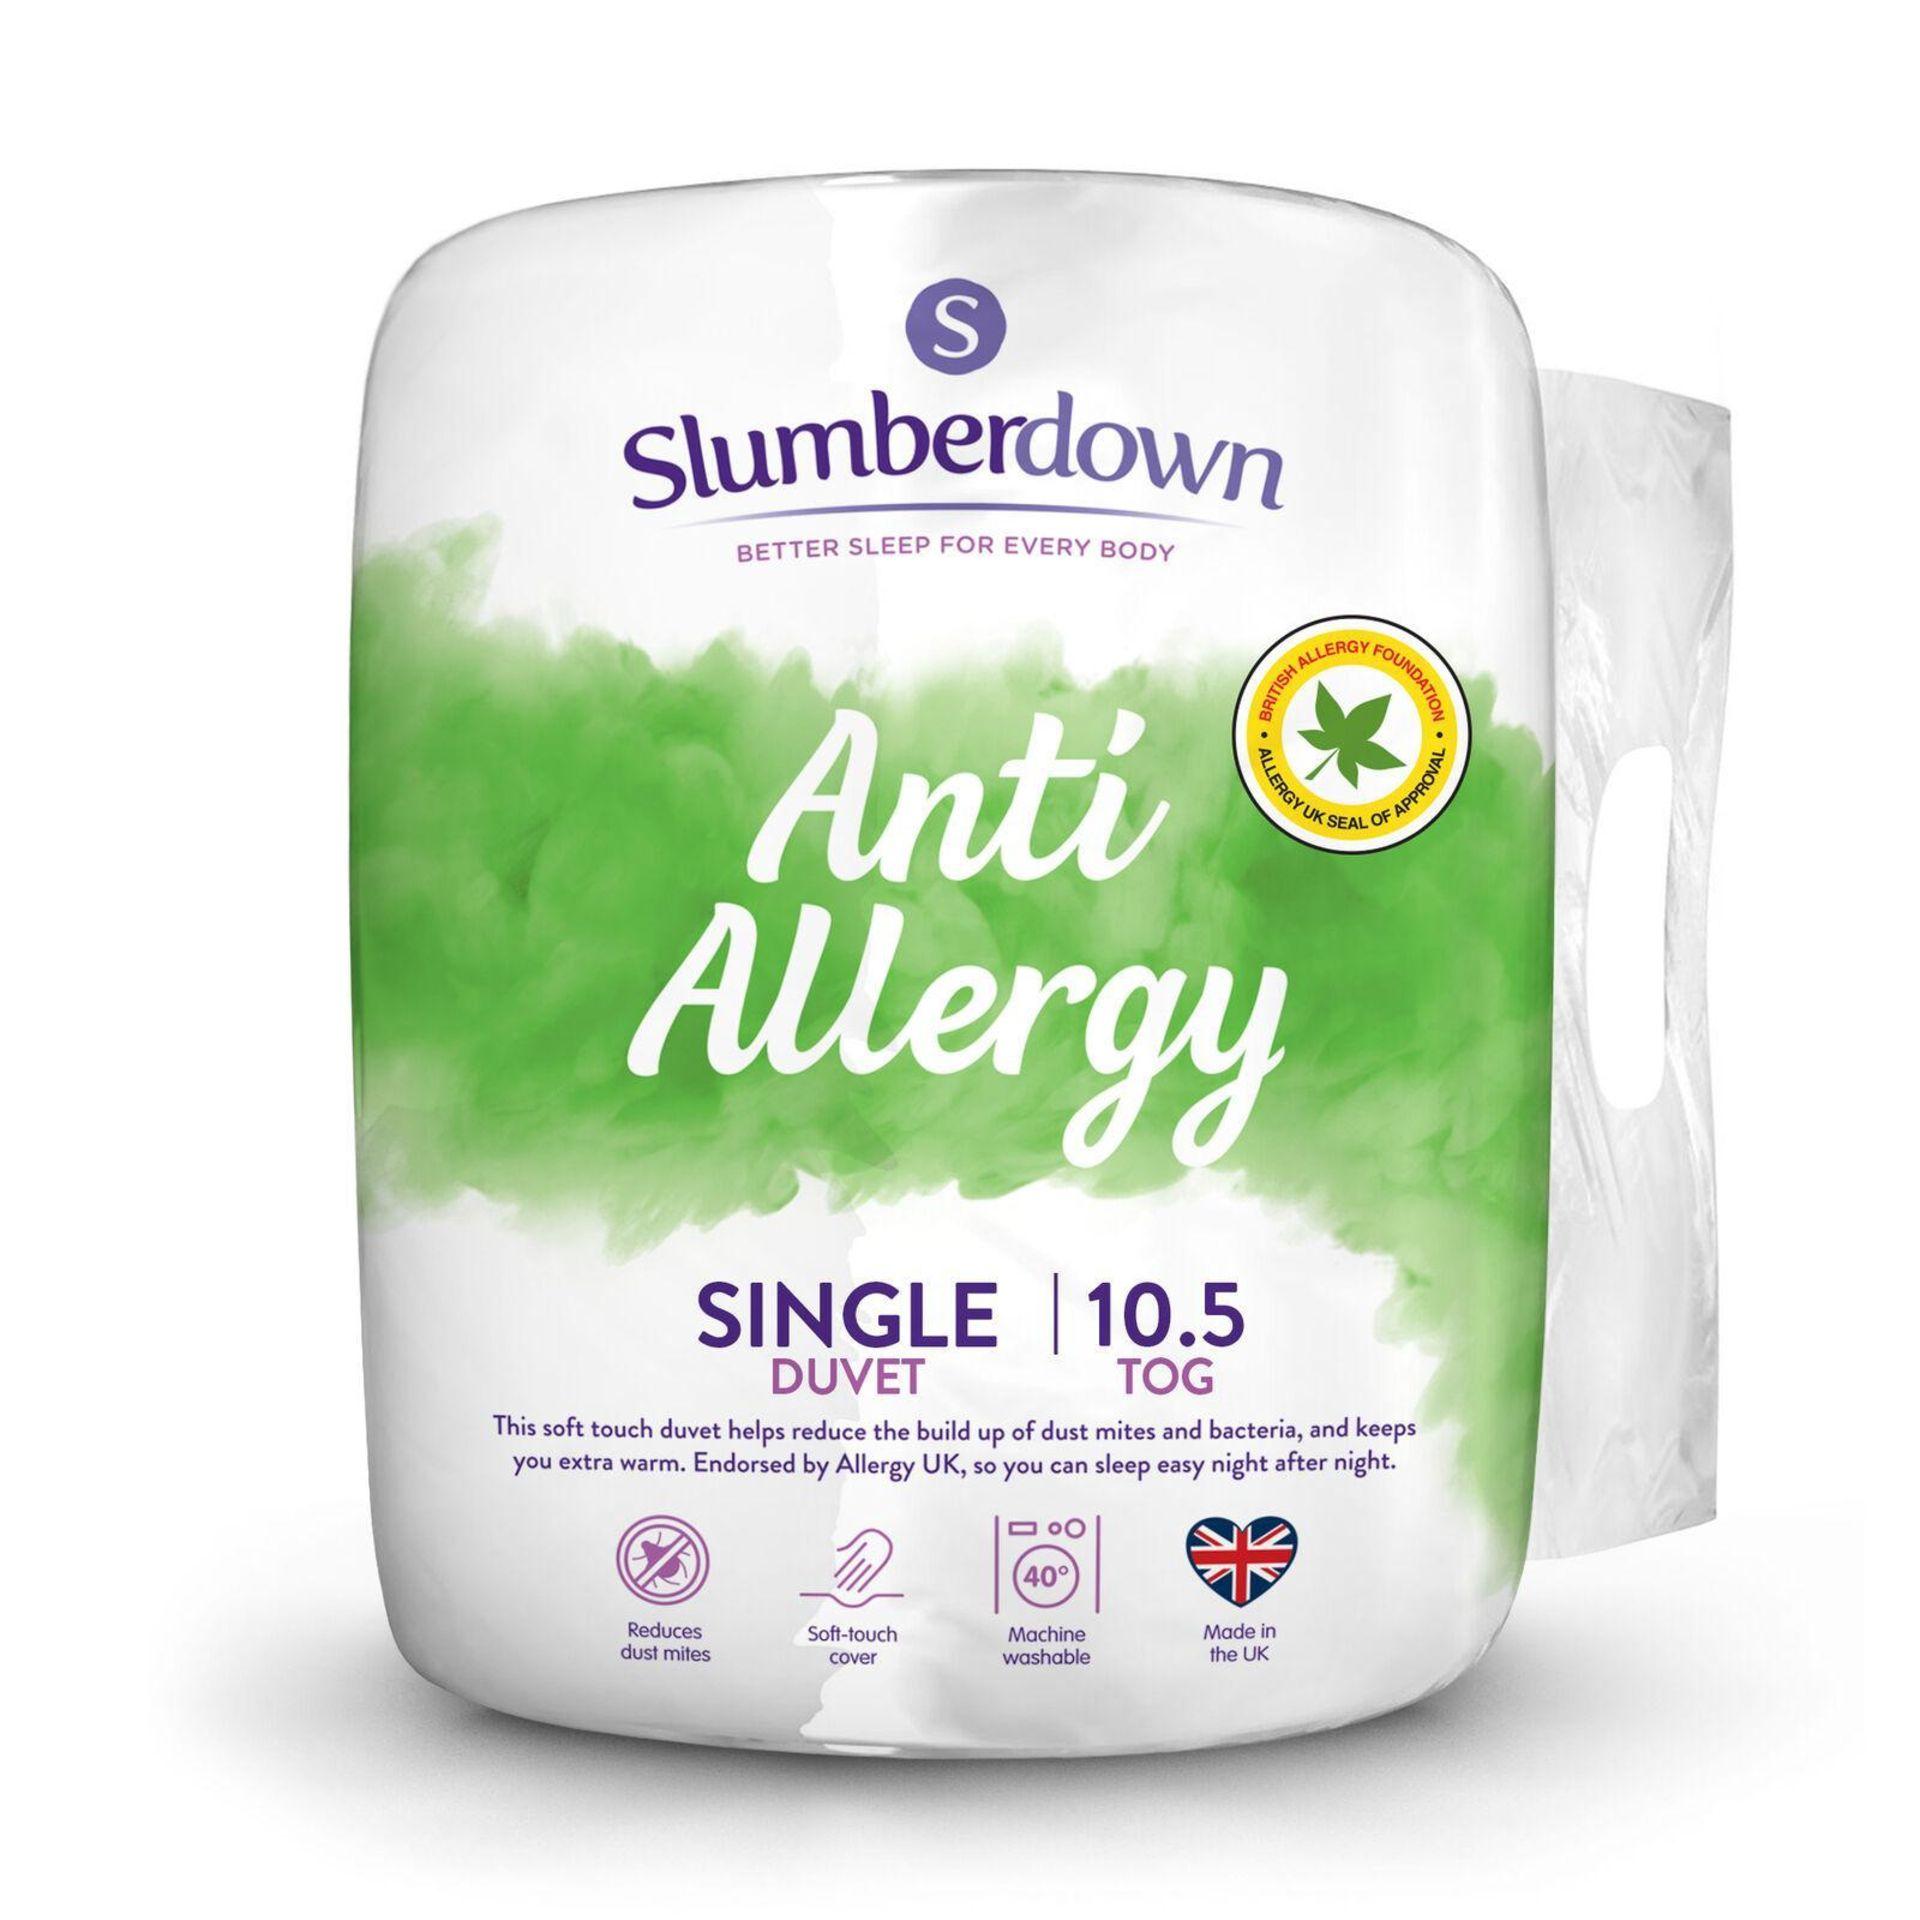 Slumberdown Anti Allergy Single Duvet 10.5 Tog All Seasons Duvet Single Bed - £14.99 RRP